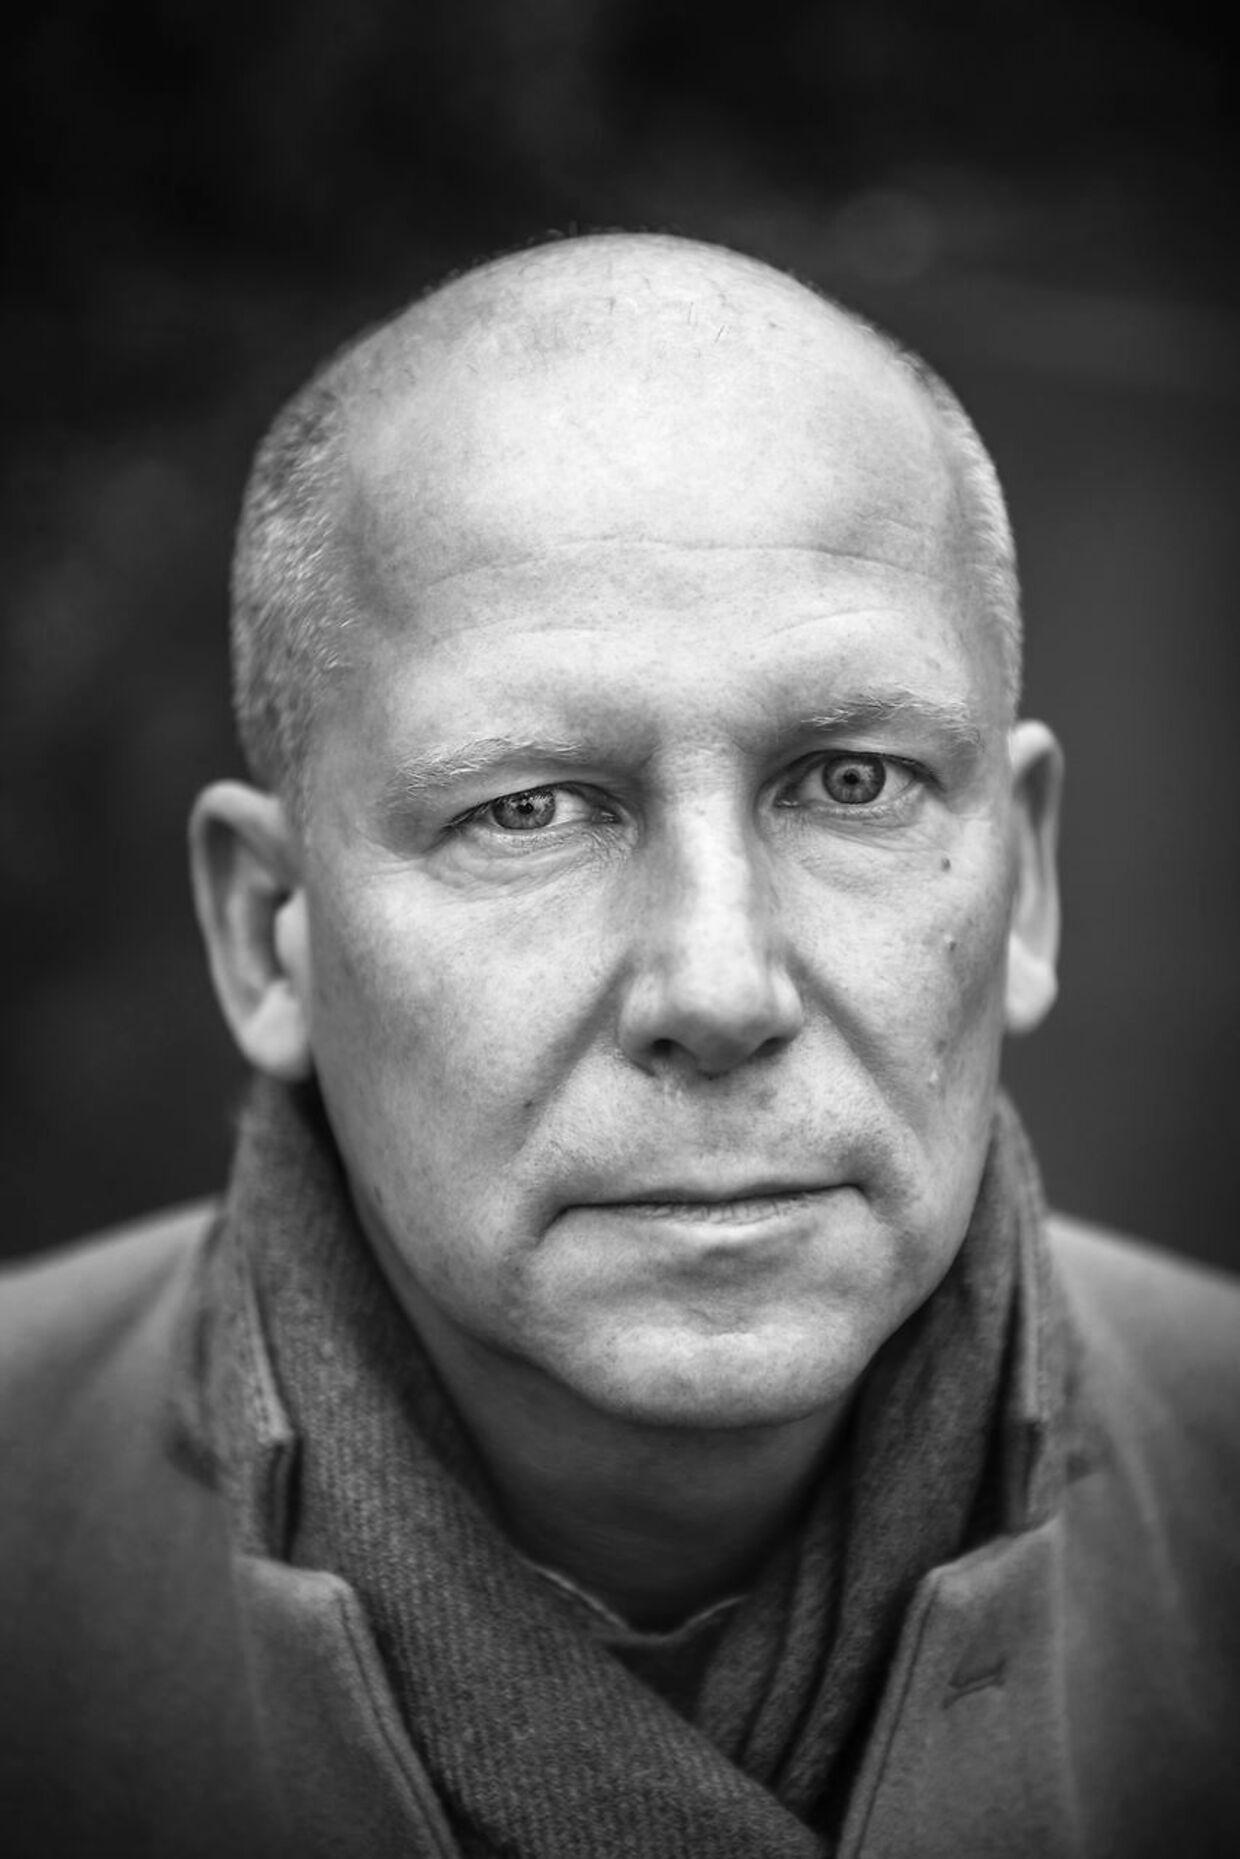 Forældregruppen Stop Røverierne, hvor bl.a. Rudy Byrgesen er medlem, har sammen med en række lokale boligforeninger indkaldt til borgermøde 26. november. Her vil en række repræsentanter fra Københavns Kommune samt politiet deltage.